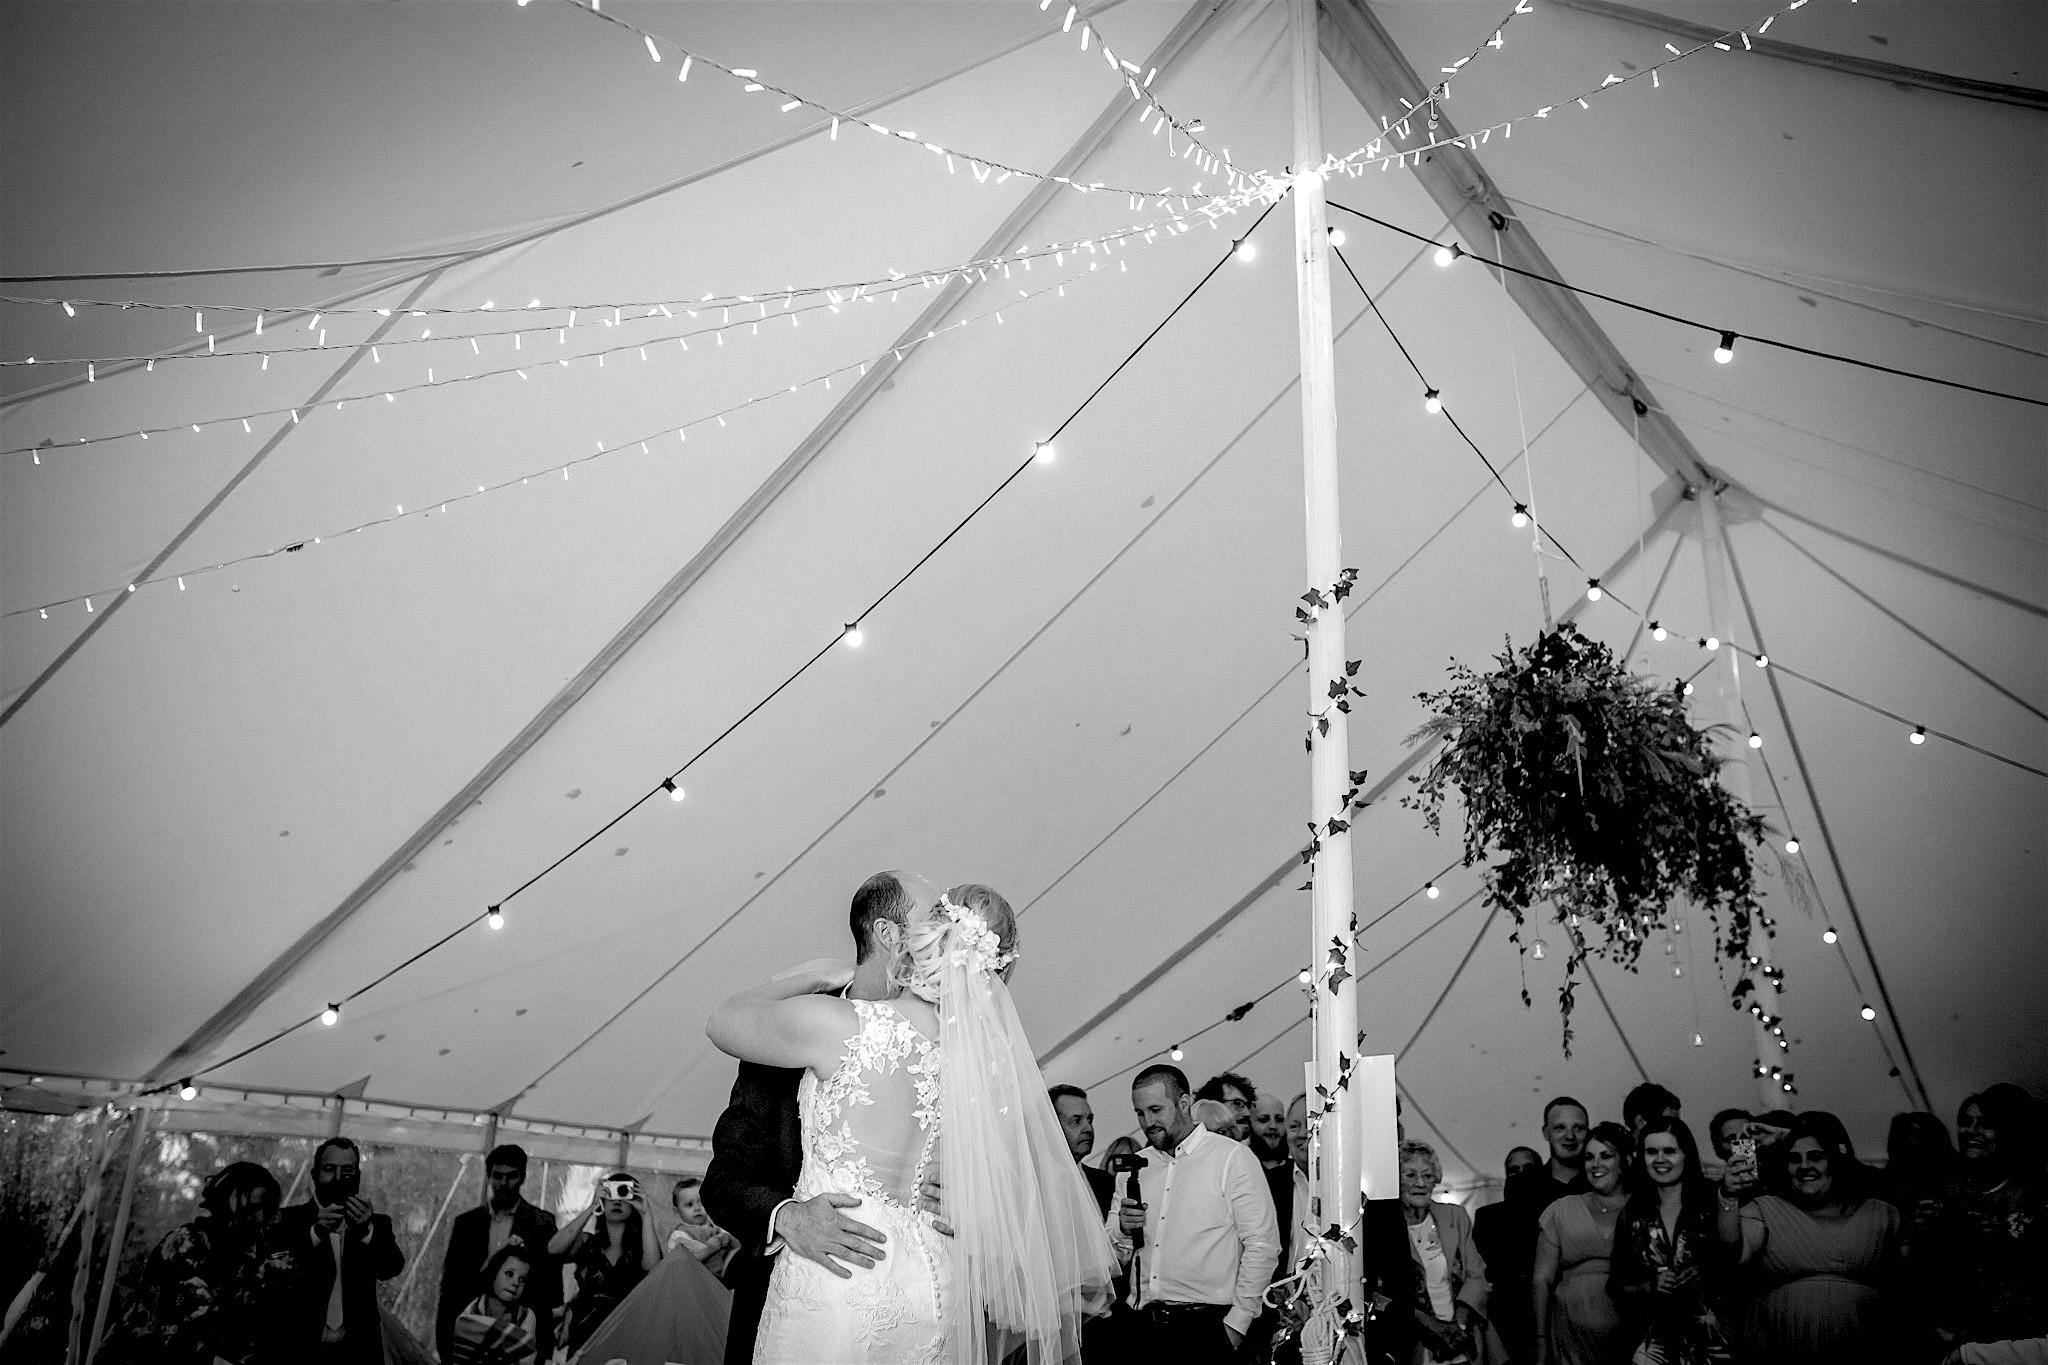 othamcourtwedding